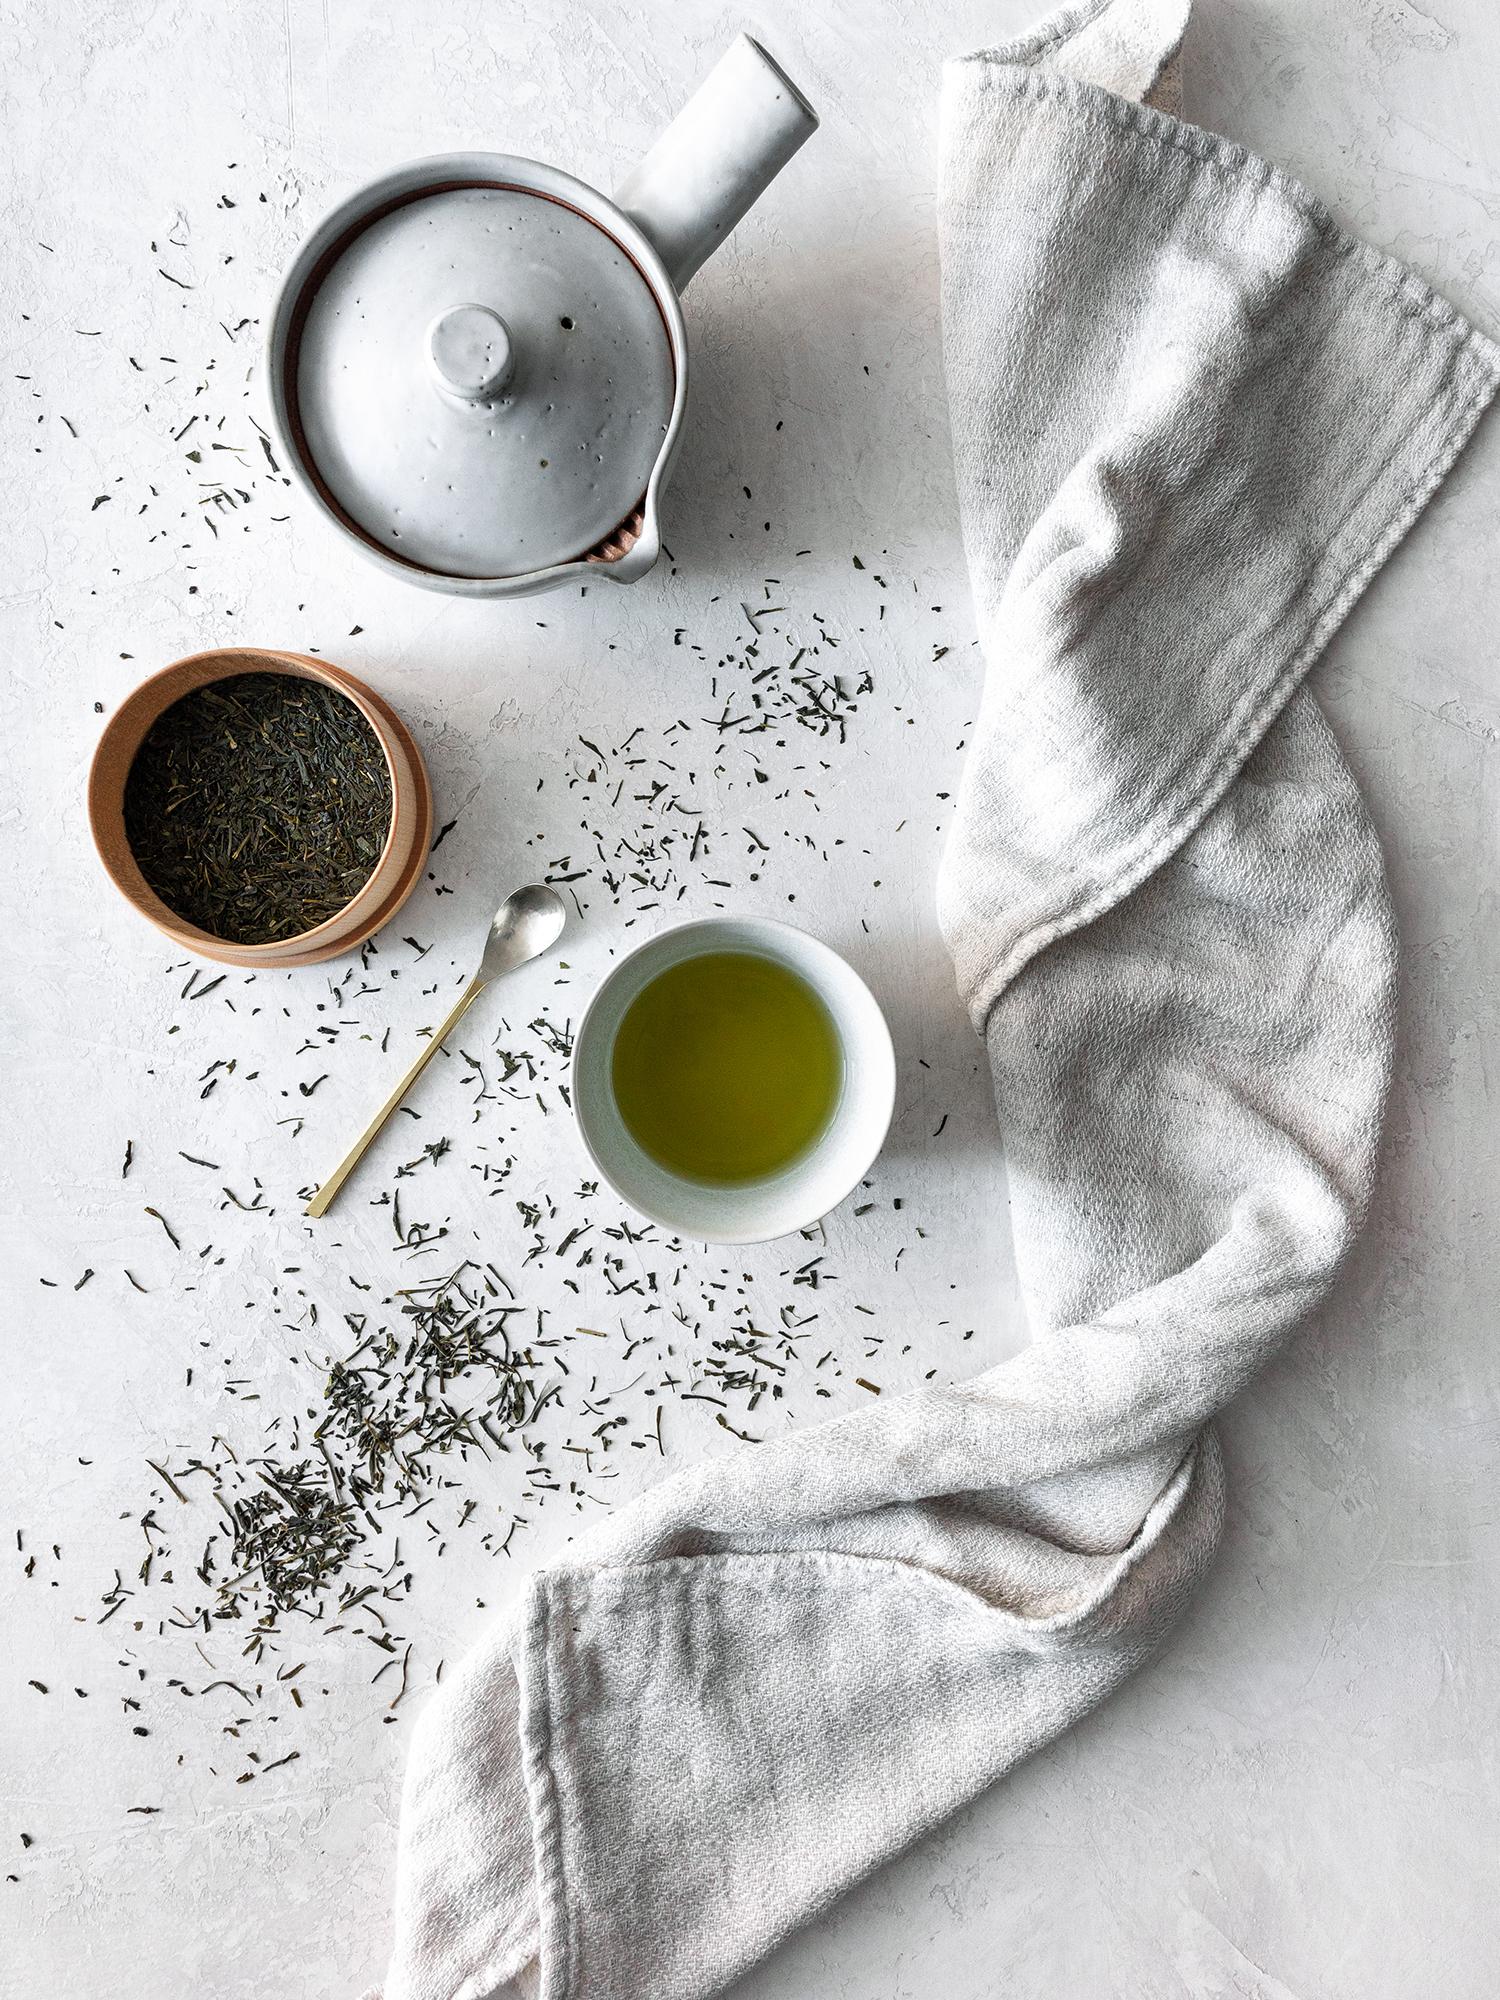 Our_Goods_Tea-3.jpg